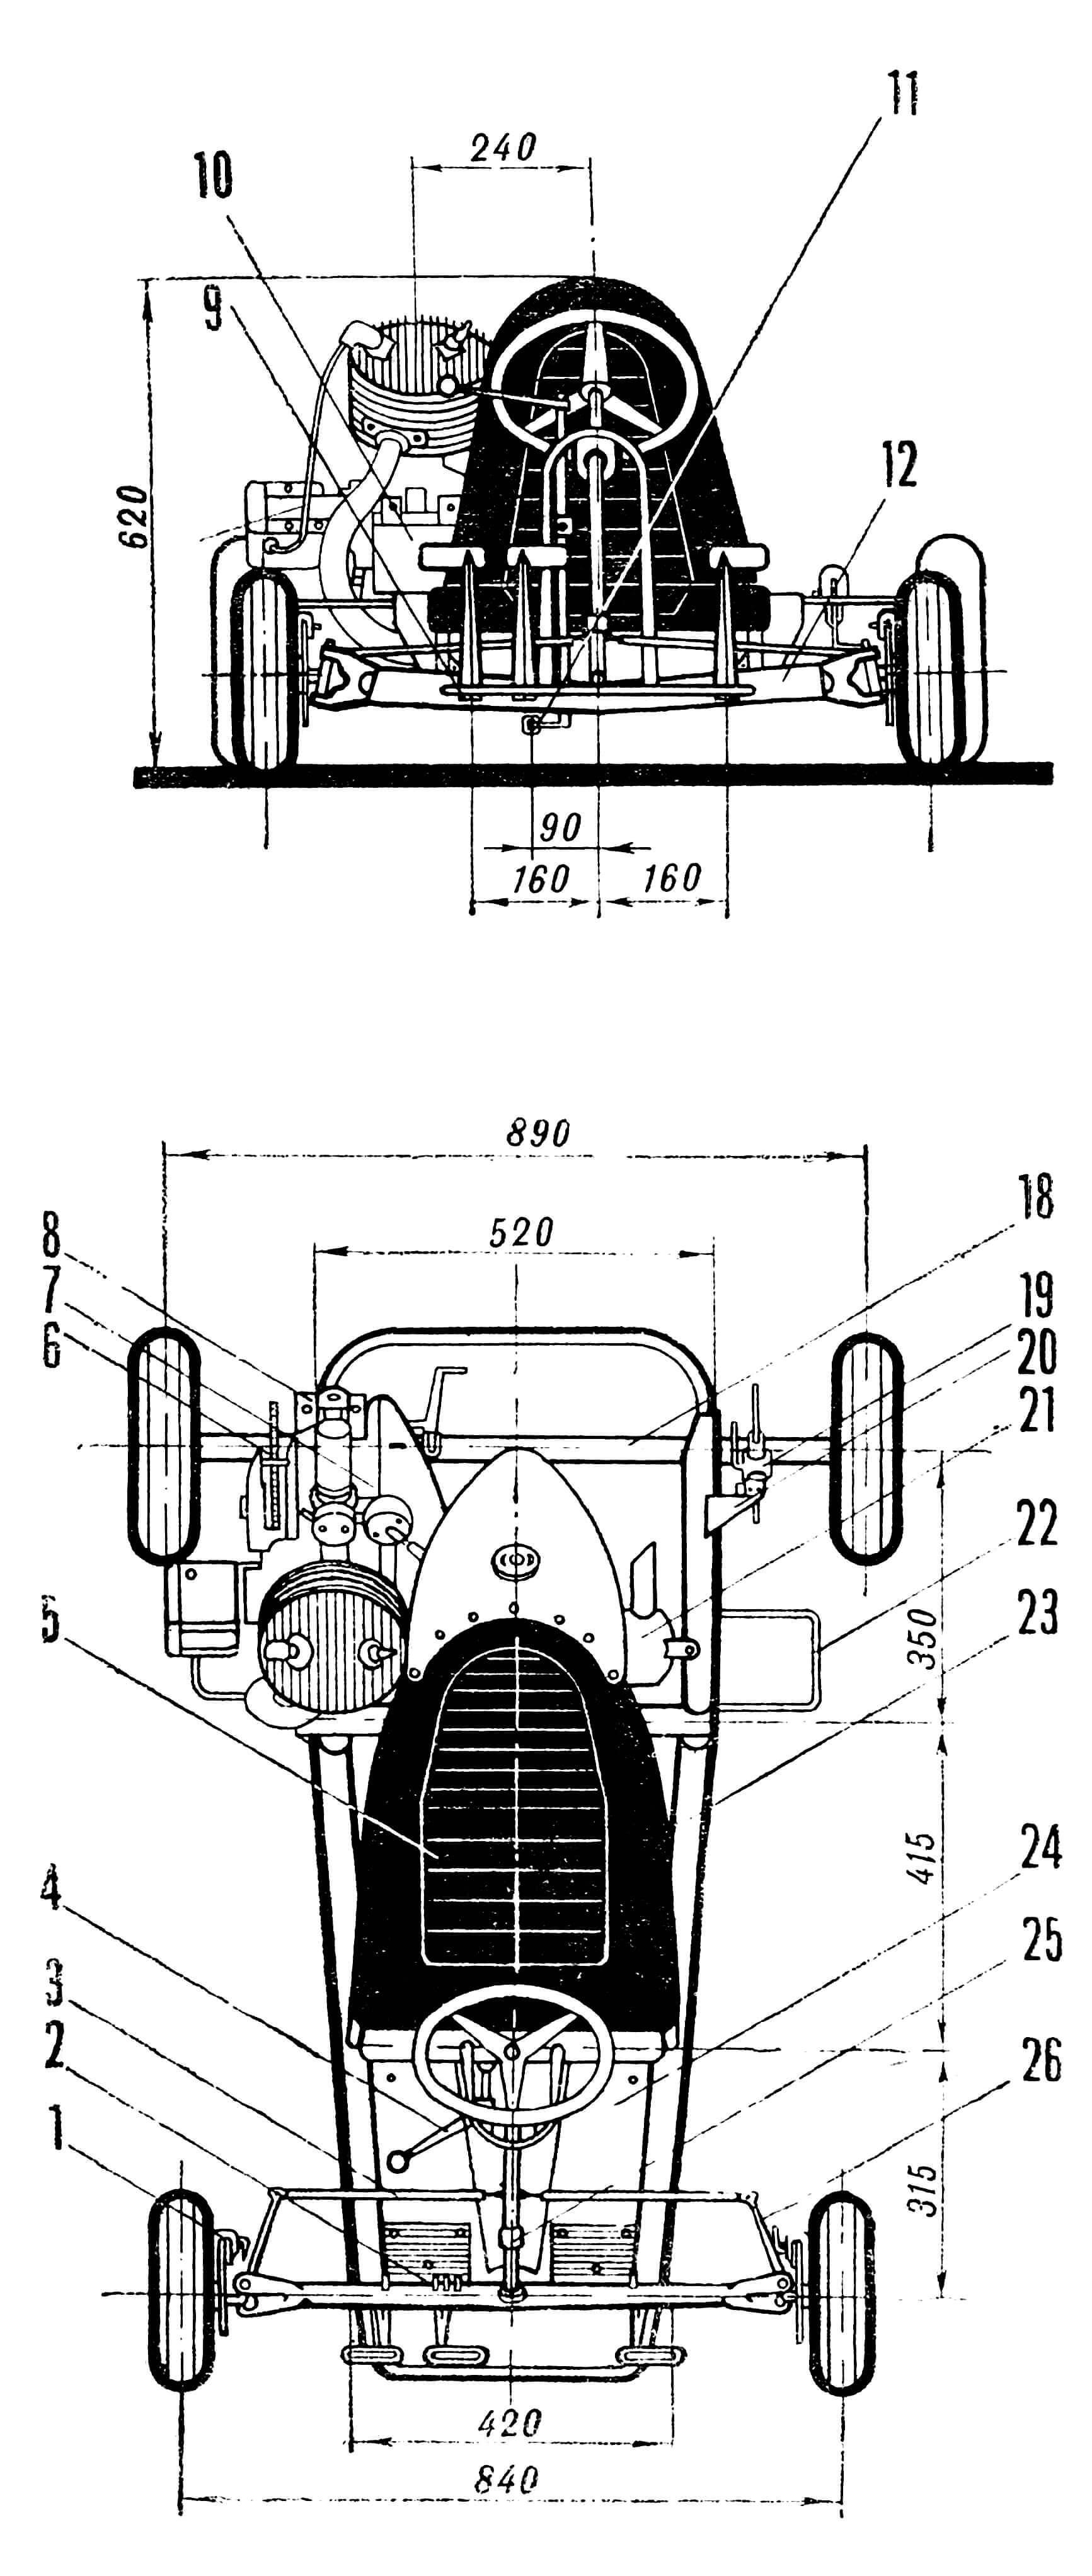 РИС. 1. КАРТ КЛАССА «В»: 1 — дисковый тормоз; 2 — регулируемые тросовые упоры (Ст. 3); 3 — рулевая тяга (сталь 45); 4 — рычаг переключения передач (Ст. 3); 5 — сиденье (поролон-повинол); 6 — звездочка задней оси (Д16АТВ); 7 — двигатель М-103; 8 — устройство натяжения цепи (Ст. 3); 9 — проушины крепления педалей (Ст. 3); 10 — стойка крепления двигателя (Ст. 3); 11 — тяга устройства переключения передач (Д16); 12 — балка переднего моста (30ХГСА); 13 — пробка (Д1); 14 — бензобак (АМЦ); 15 — втулка вала устройства переключения передач (Ст. 3); 16 — вал устройства переключения передач (Ст. 3); 17 — педали приводов (магниевый сплав); 18 — задняя ось (18ХНВА); 19 — дисковый тормоз; 20 — кронштейн крепления тормоза (Ст. 3); 21 — резонатор выхлопа (Ст. 3); 22 — отбойник (Ст. 3); 23 — рама (30ХГСА); 24 — полик (Д16Т); 25 — рулевая сошка (сталь 45); 26 — поворотная цапфа (сталь 45).